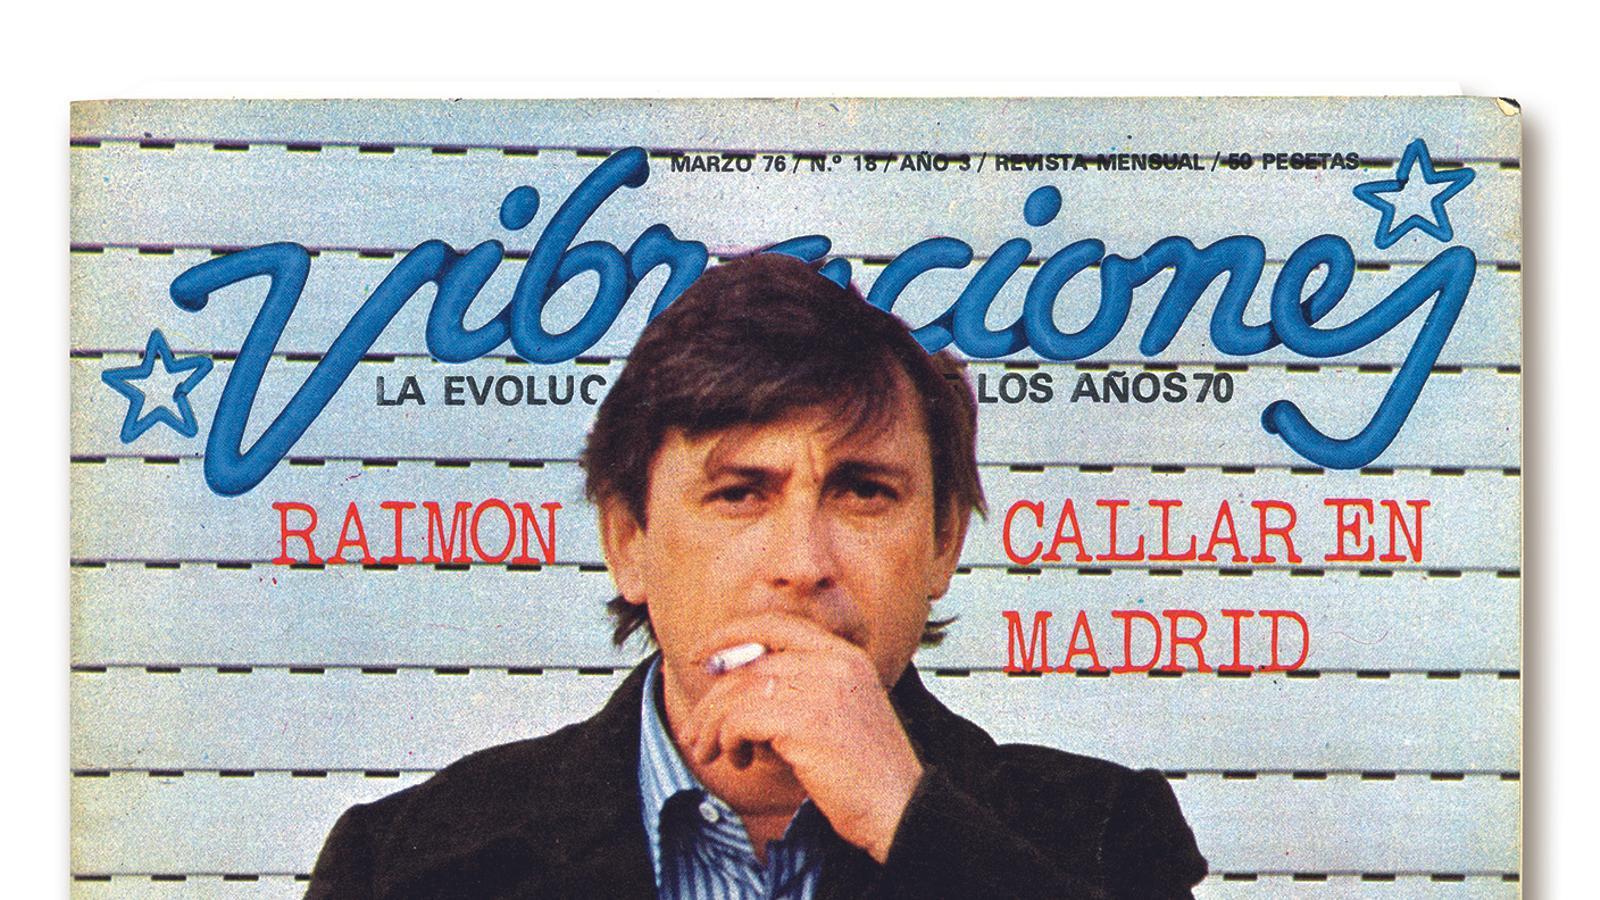 Portada de la revista Vibraciones, de març del 1976, amb Raimon com a protagonista